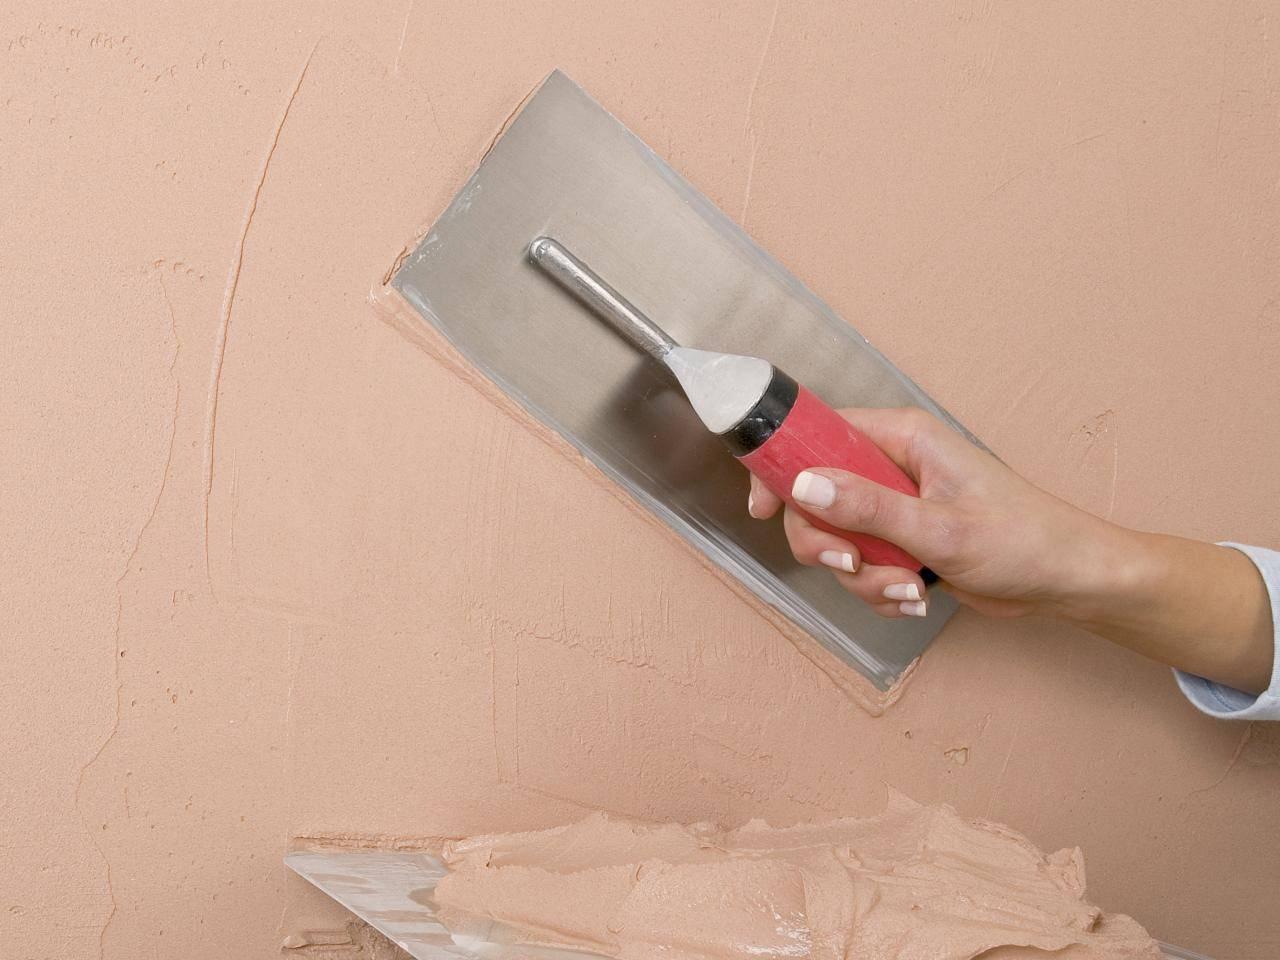 Декоративная штукатурка из обычной: как сделать своими руками с помощью валика и можно ли использовать шпатлёвку вместо исходной смеси, чем отличаются в интерьере?